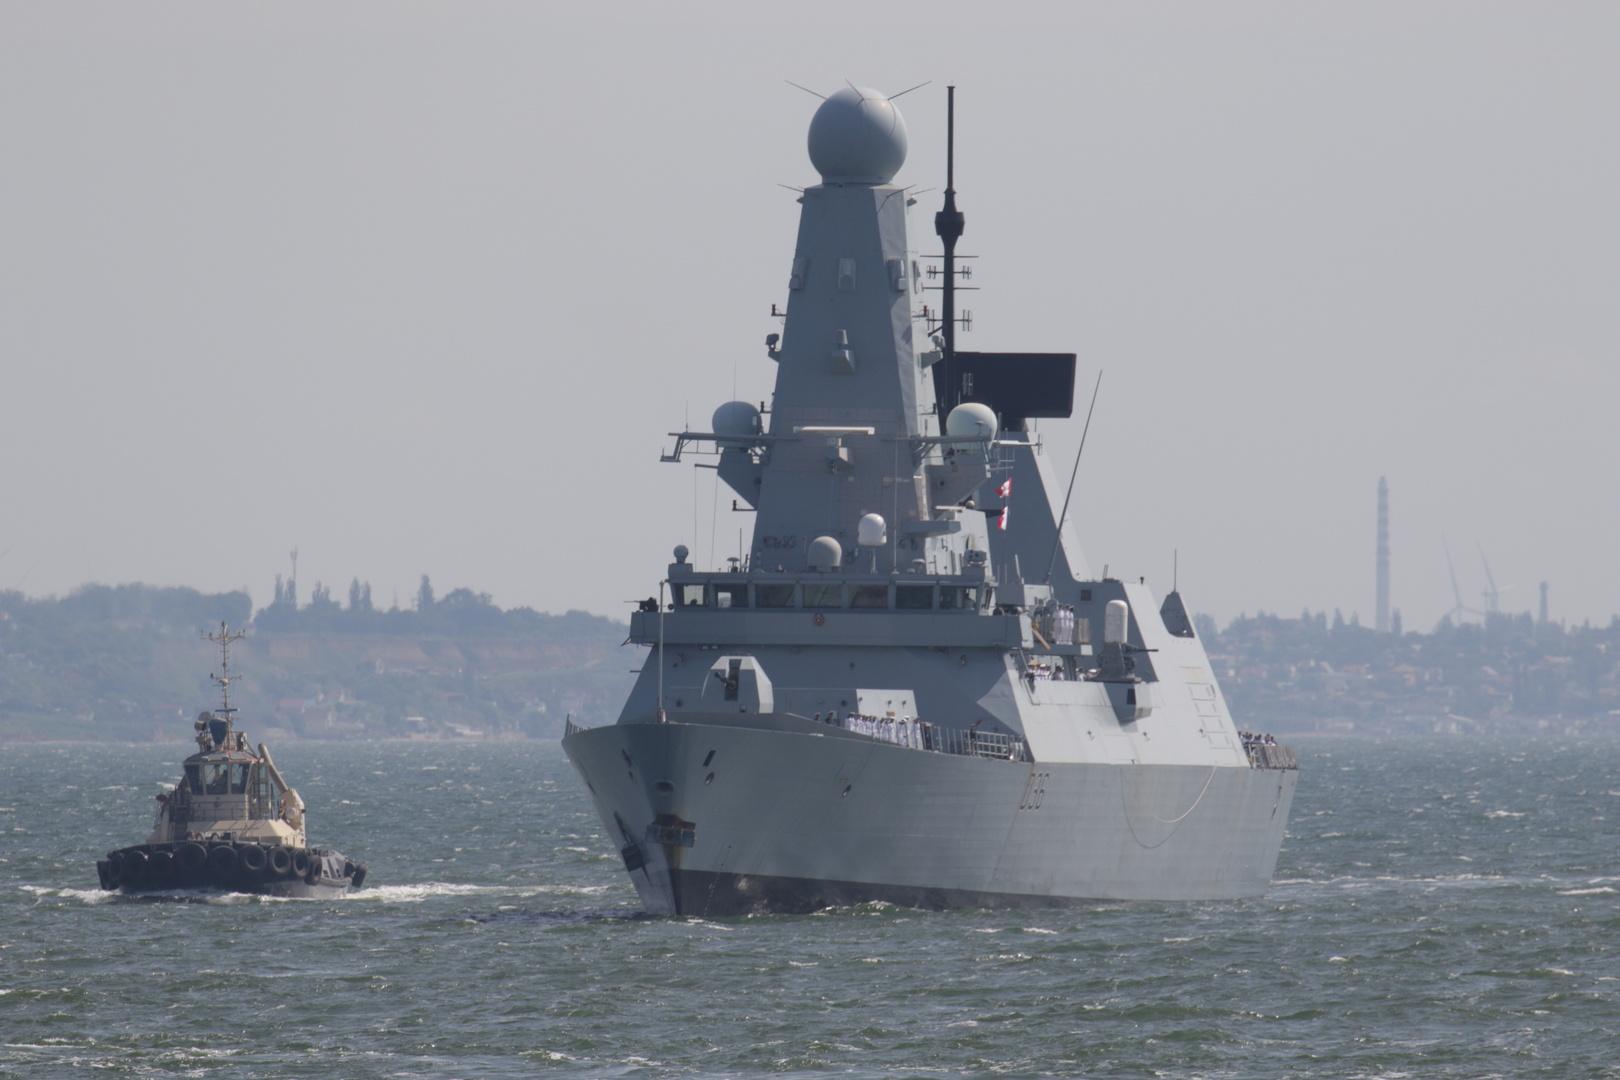 قبطان Defender يكشف تفاصيل حادثة خرق حدود روسيا تفند رواية الحكومة البريطانية